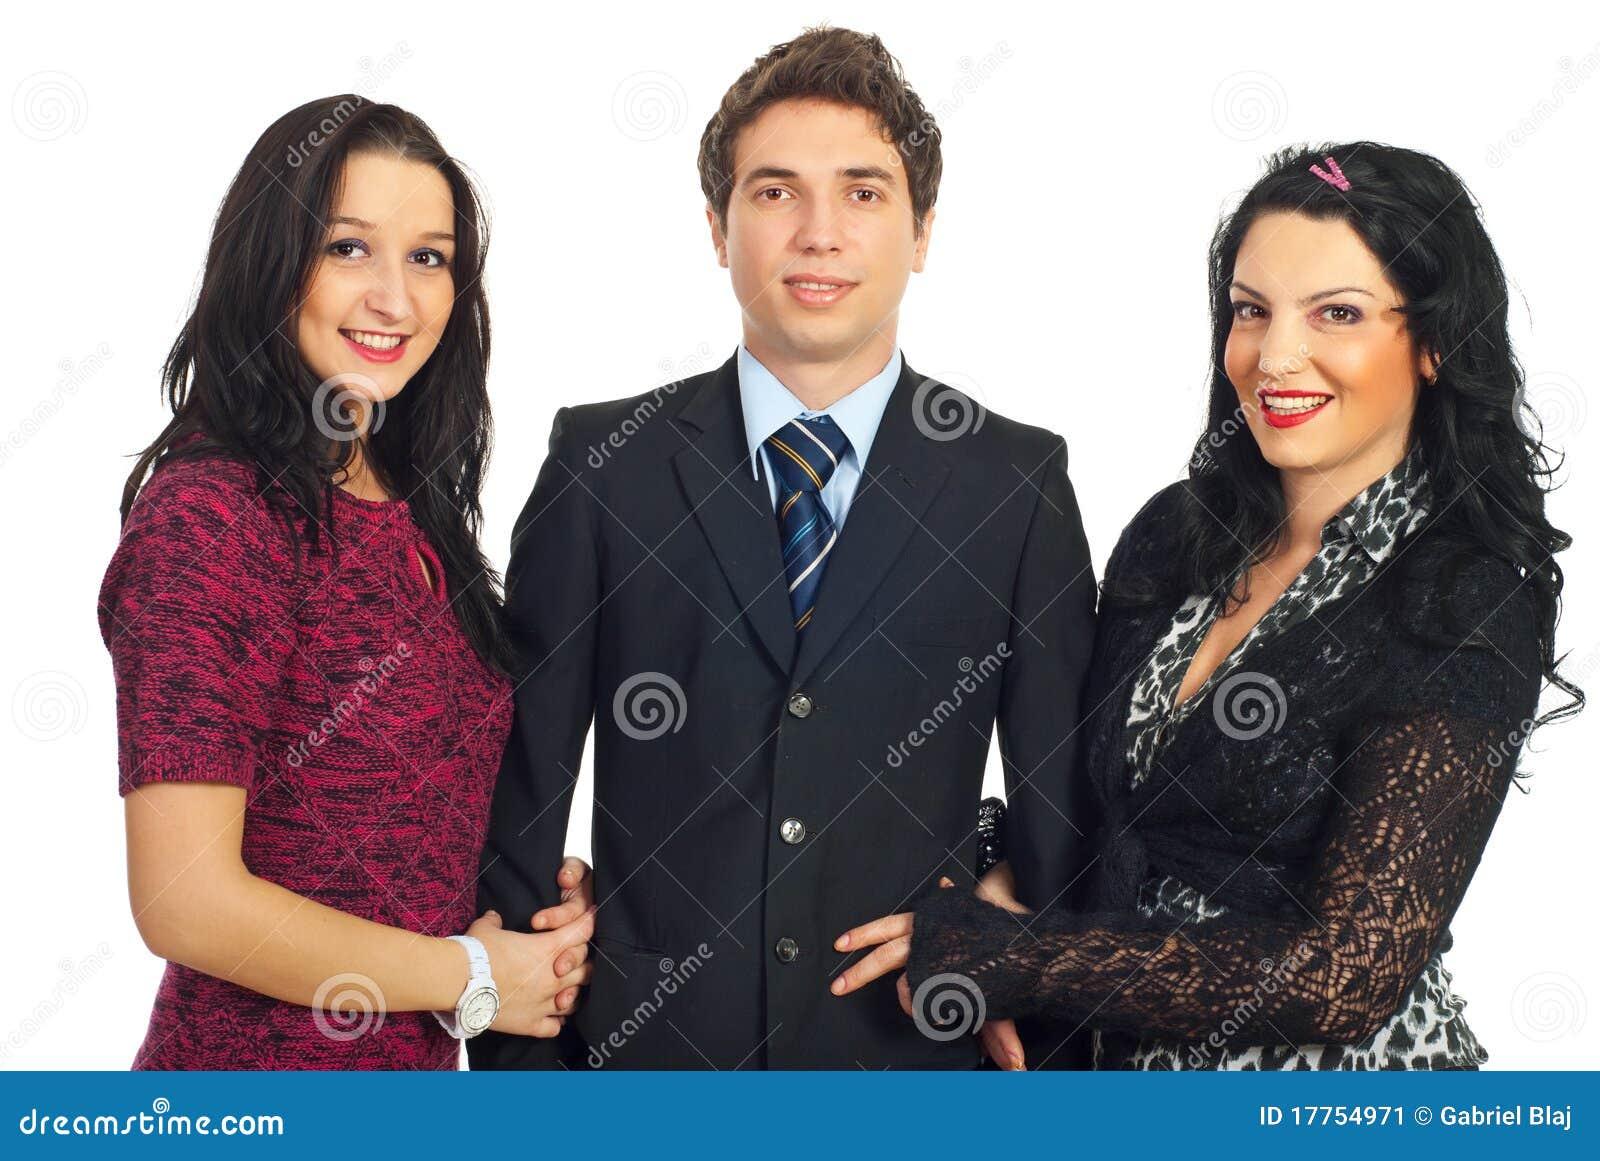 Zwei Elegante Frauen Und Ein Glückspilz